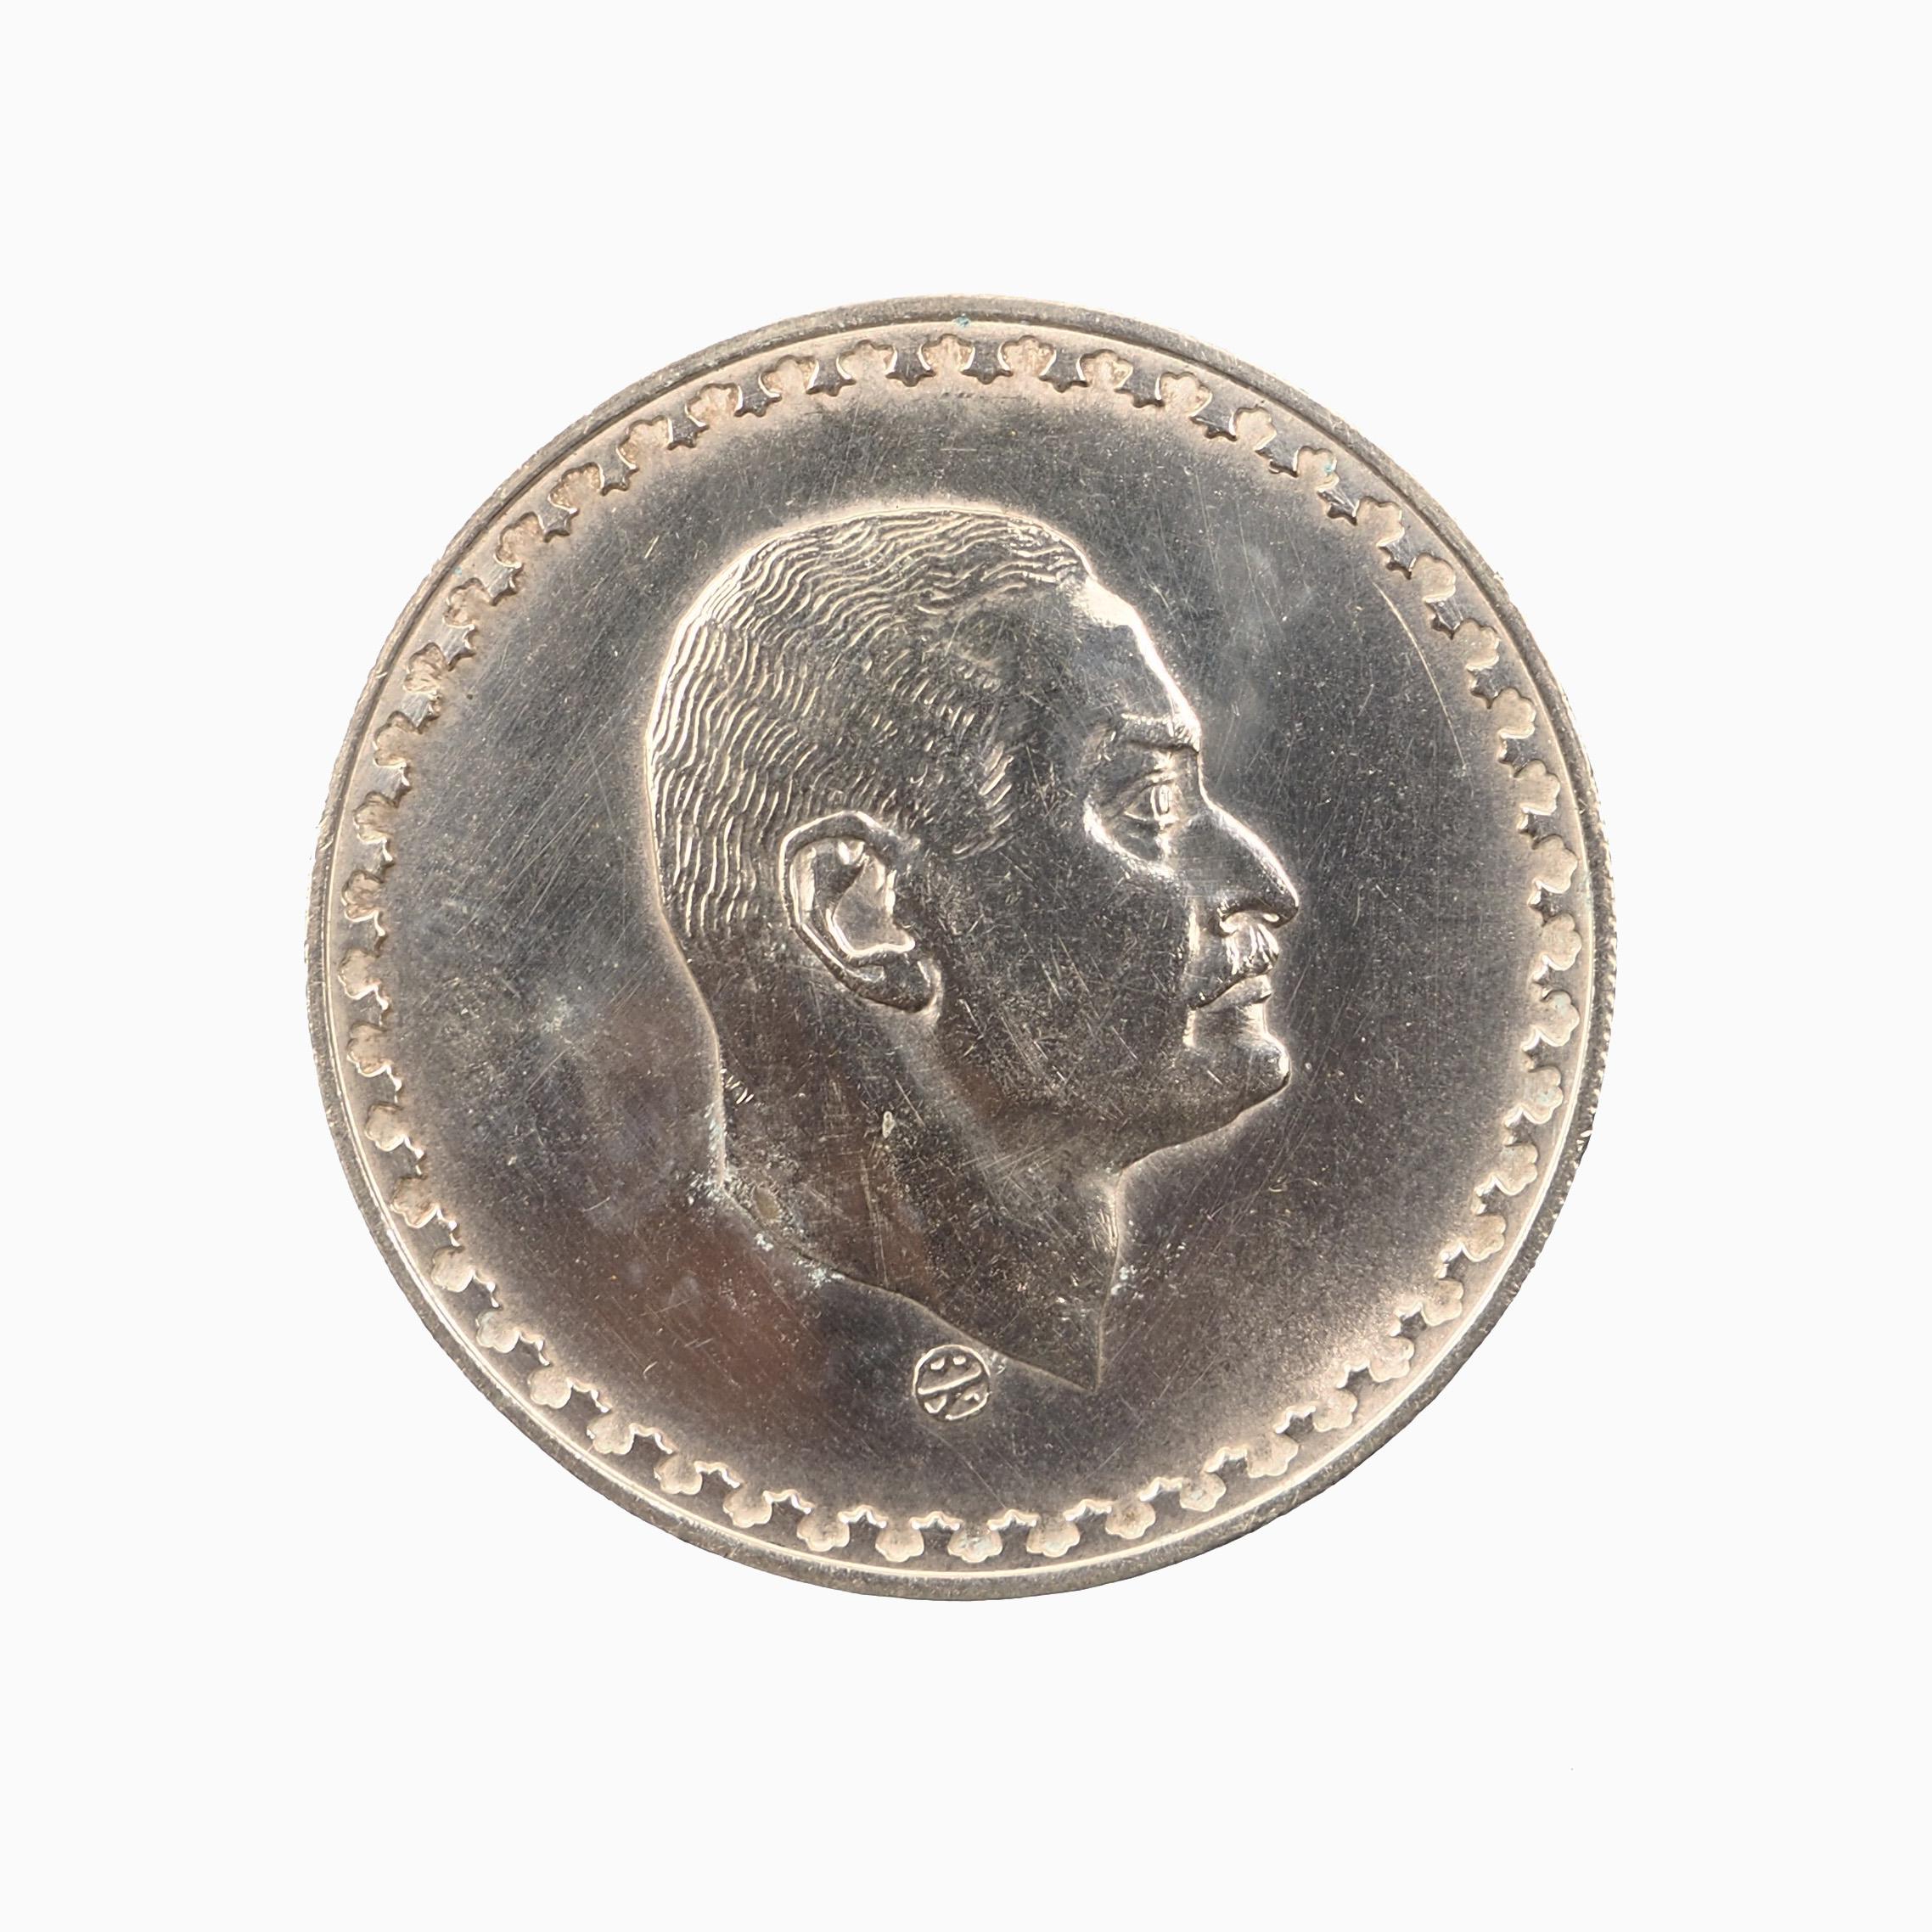 République Arabe Unie, Egypte, 1 pound 1970 Nasser, Argent, SUP